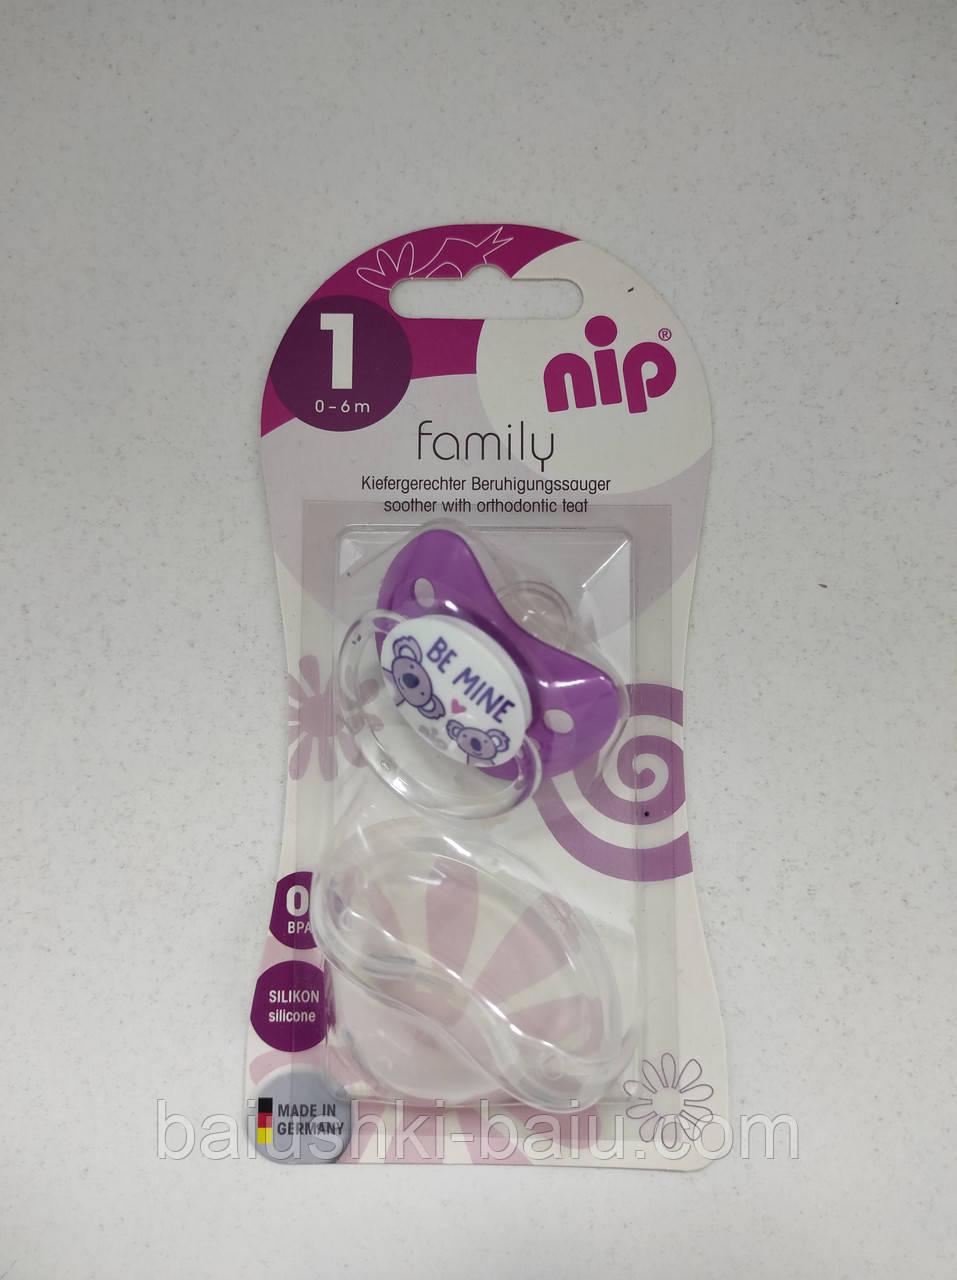 Пустушка силіконова ортодонтична для дівчинки Nip family, 1 шт + ковпачок, 0-6 міс.